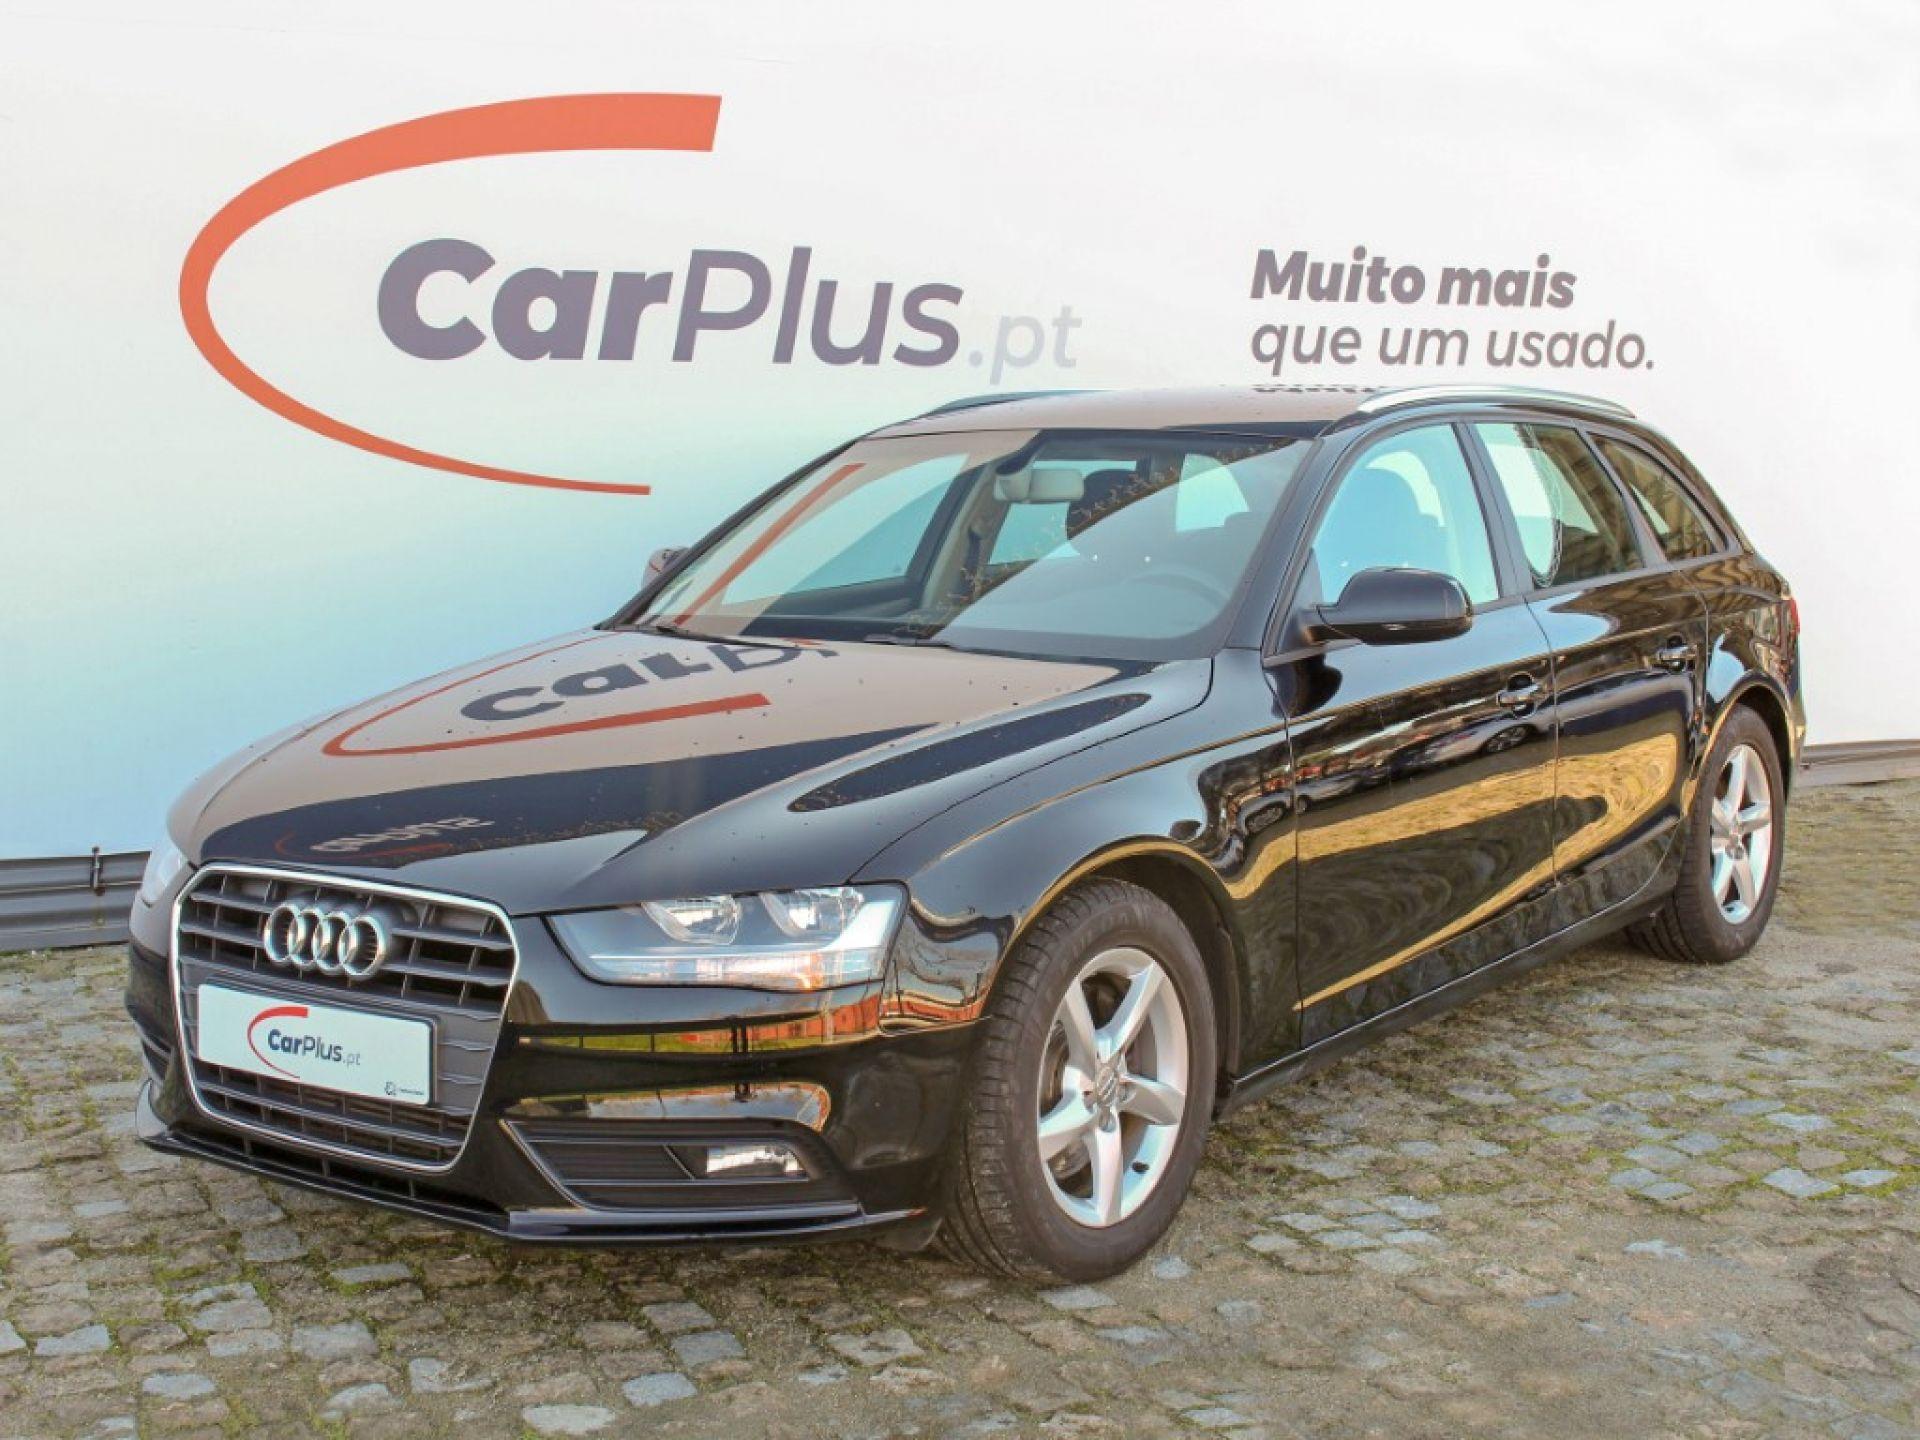 Audi A4 2.0 TDI 136 cv Avant segunda mão Porto